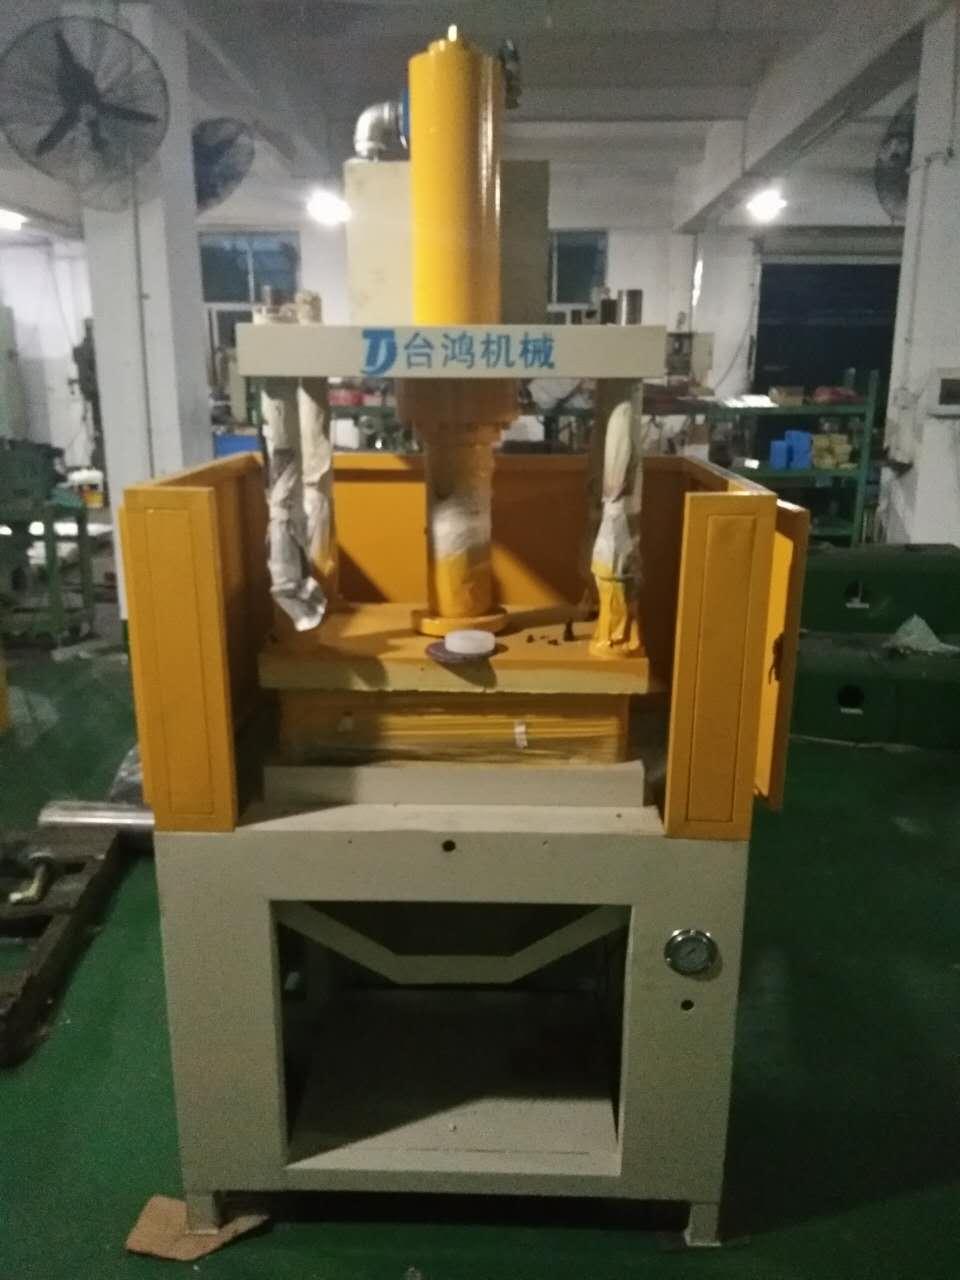 油压切边机,五金压铸件切边机 油压机,IMD热压成型机,伺服全自动油压机,四柱三板油压机